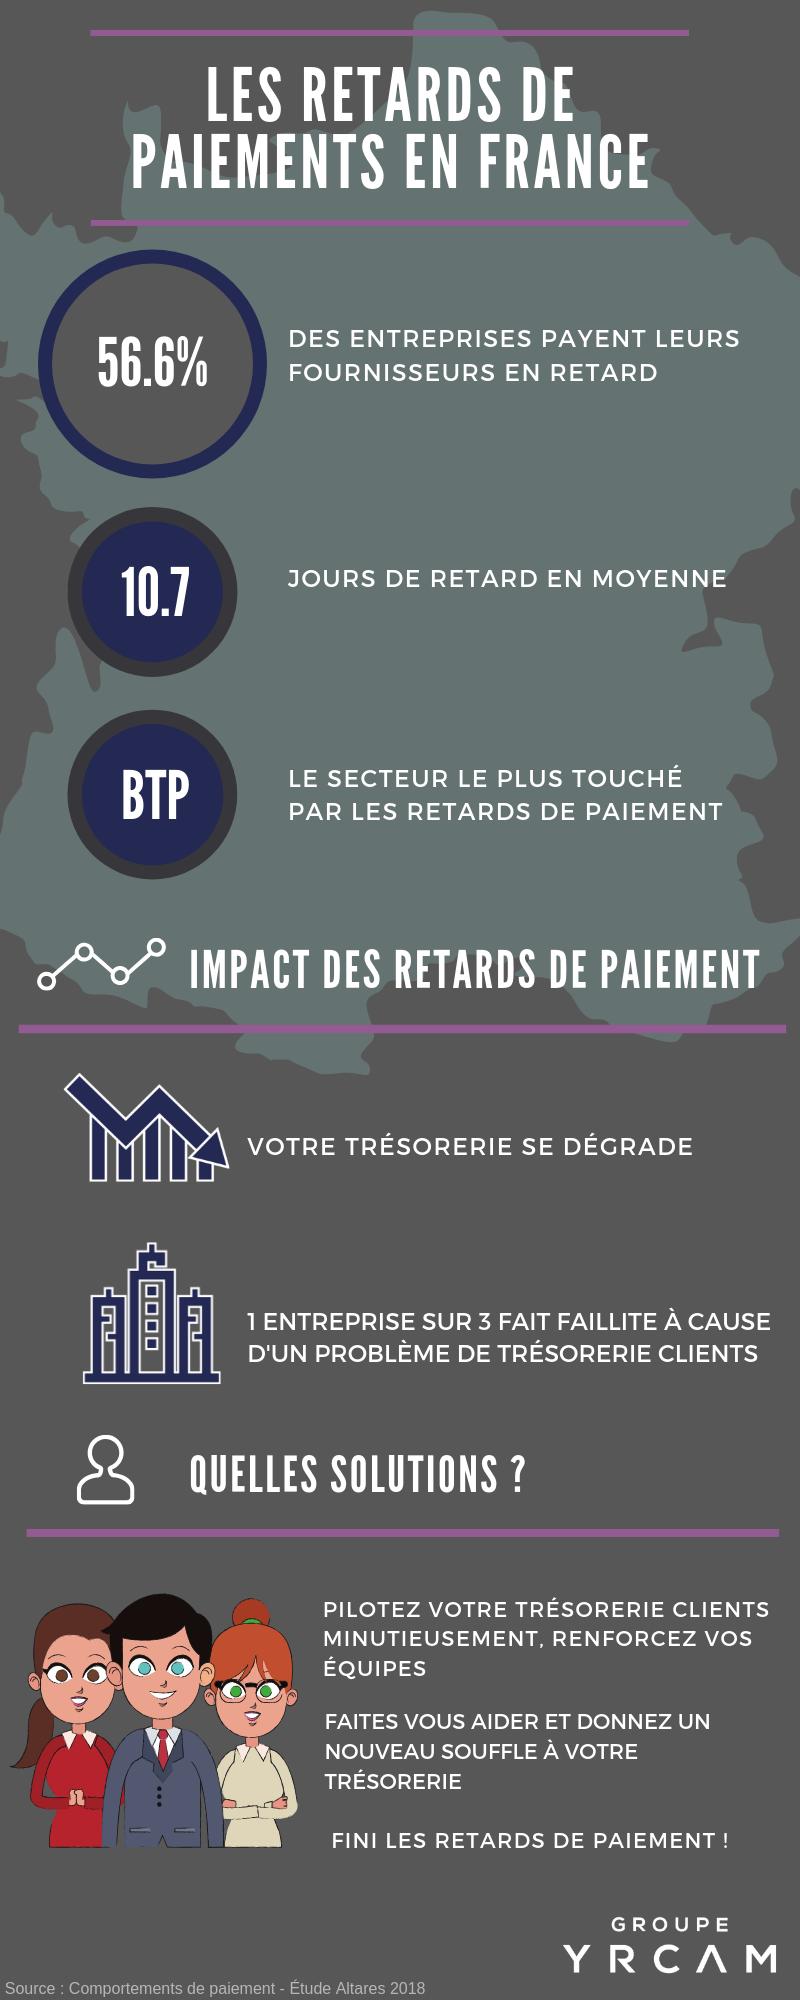 Les retards de paiment en France